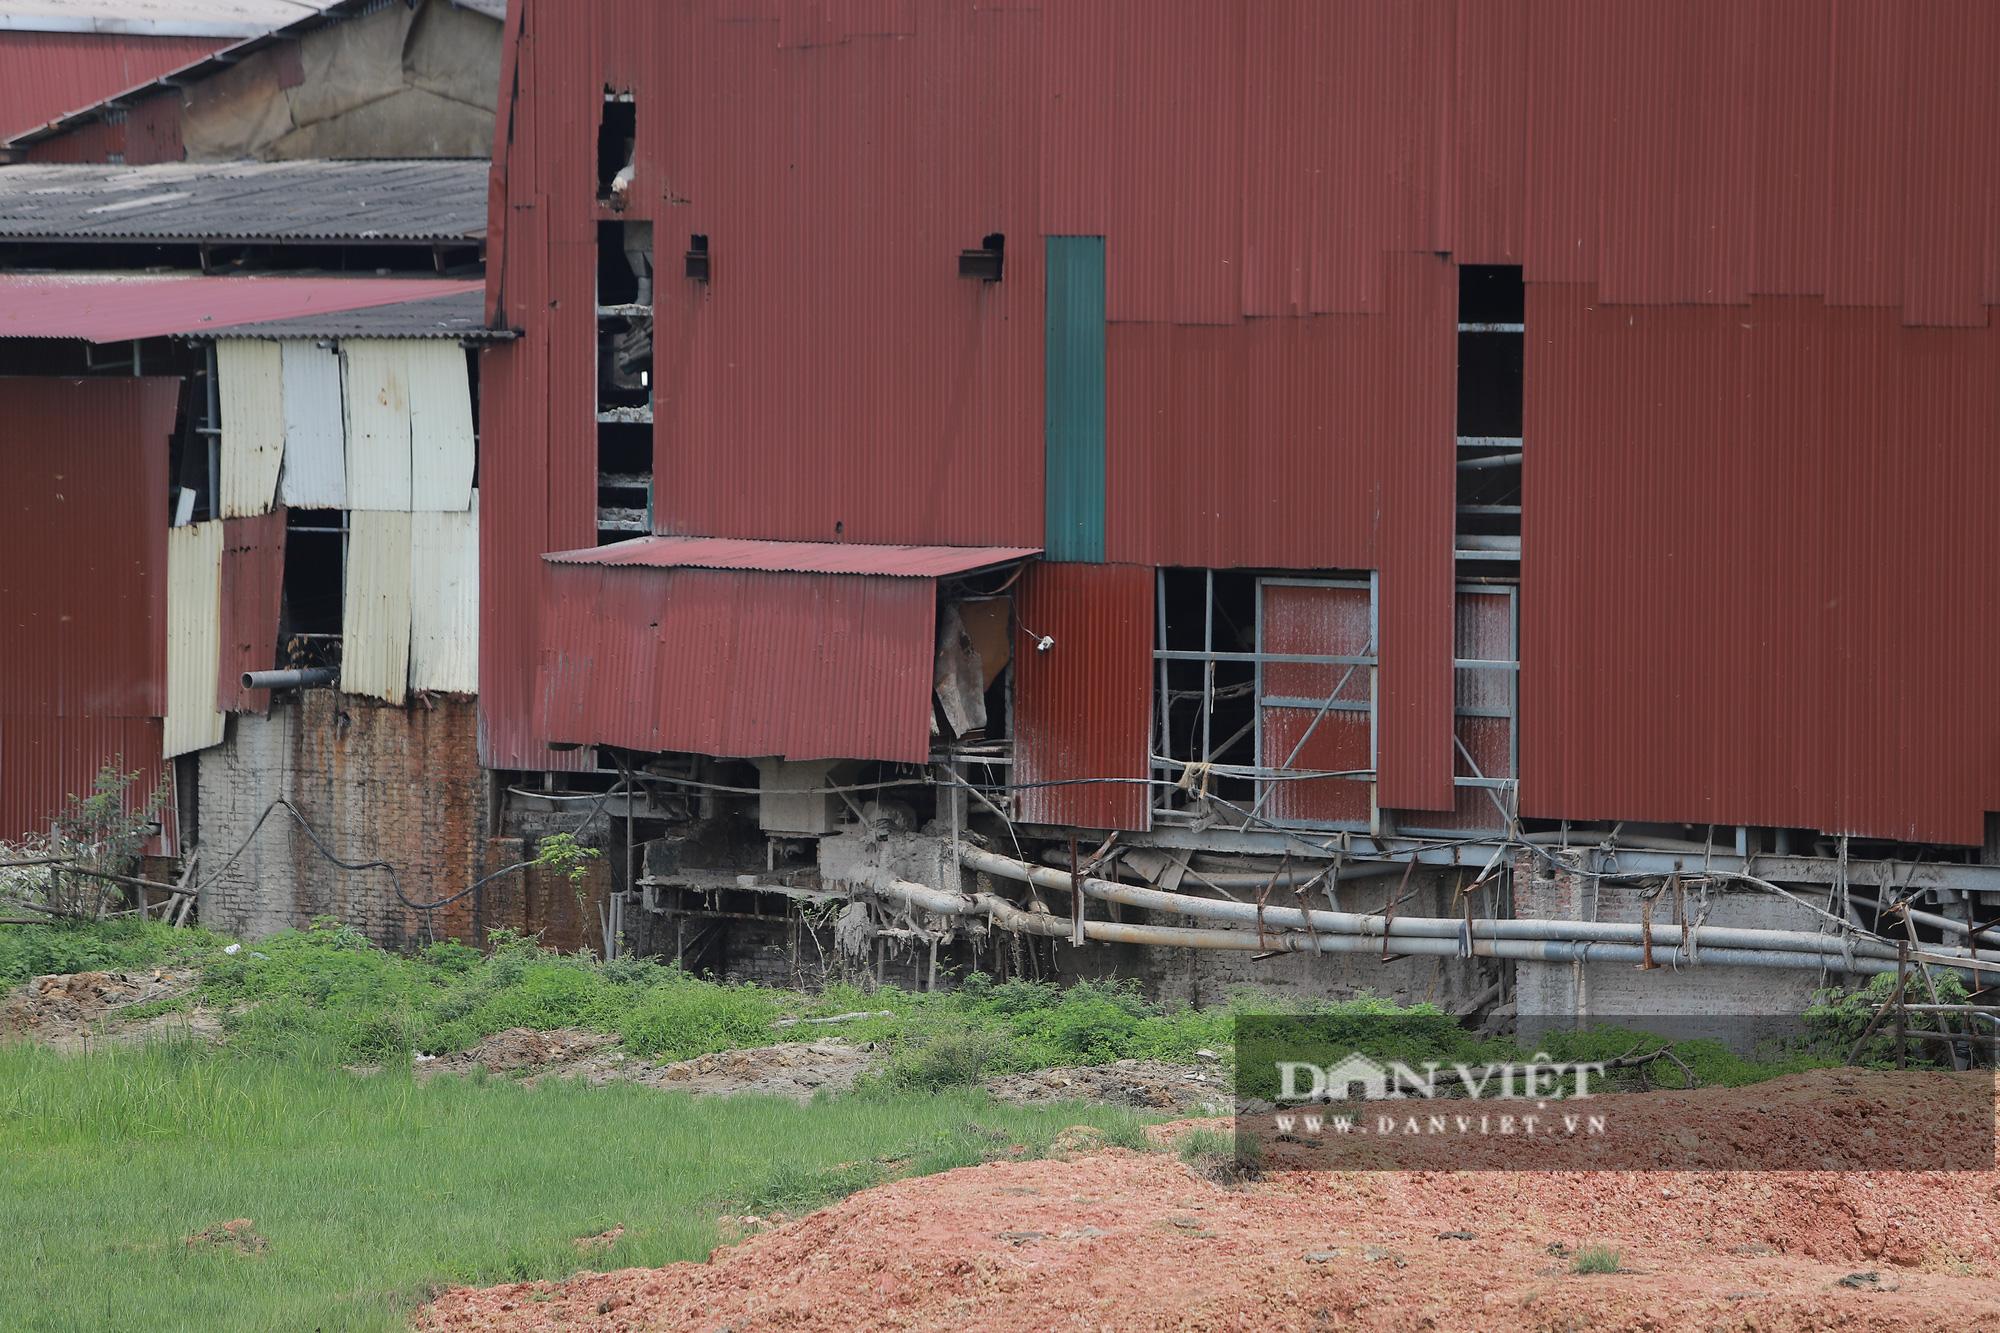 Kinh hãi bên trong nhà máy sản xuất giấy vừa bị đình chỉ ở Phong Khê - Ảnh 11.